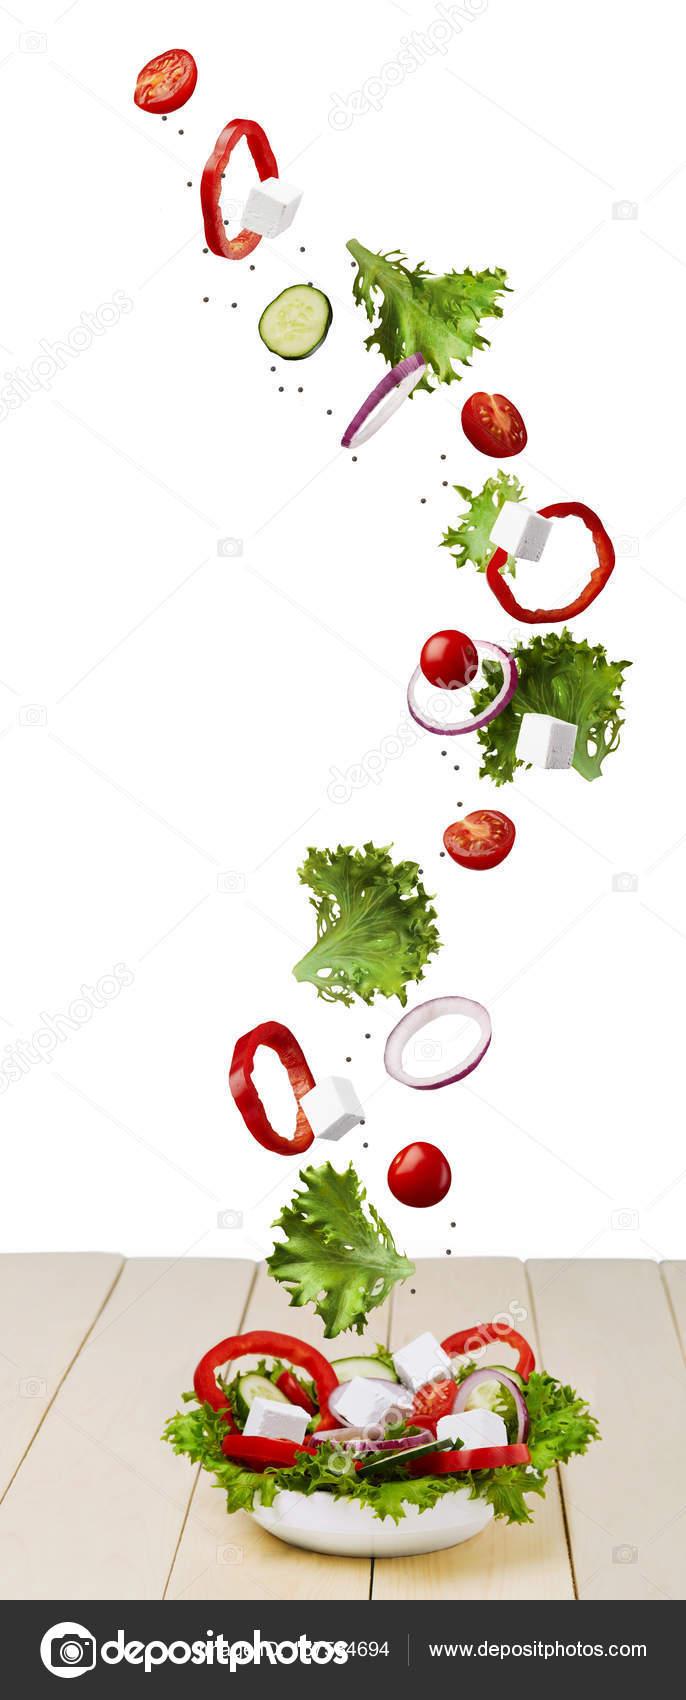 Flying Salad Food Stock Photo Juriymaslakgmailcom 167584694